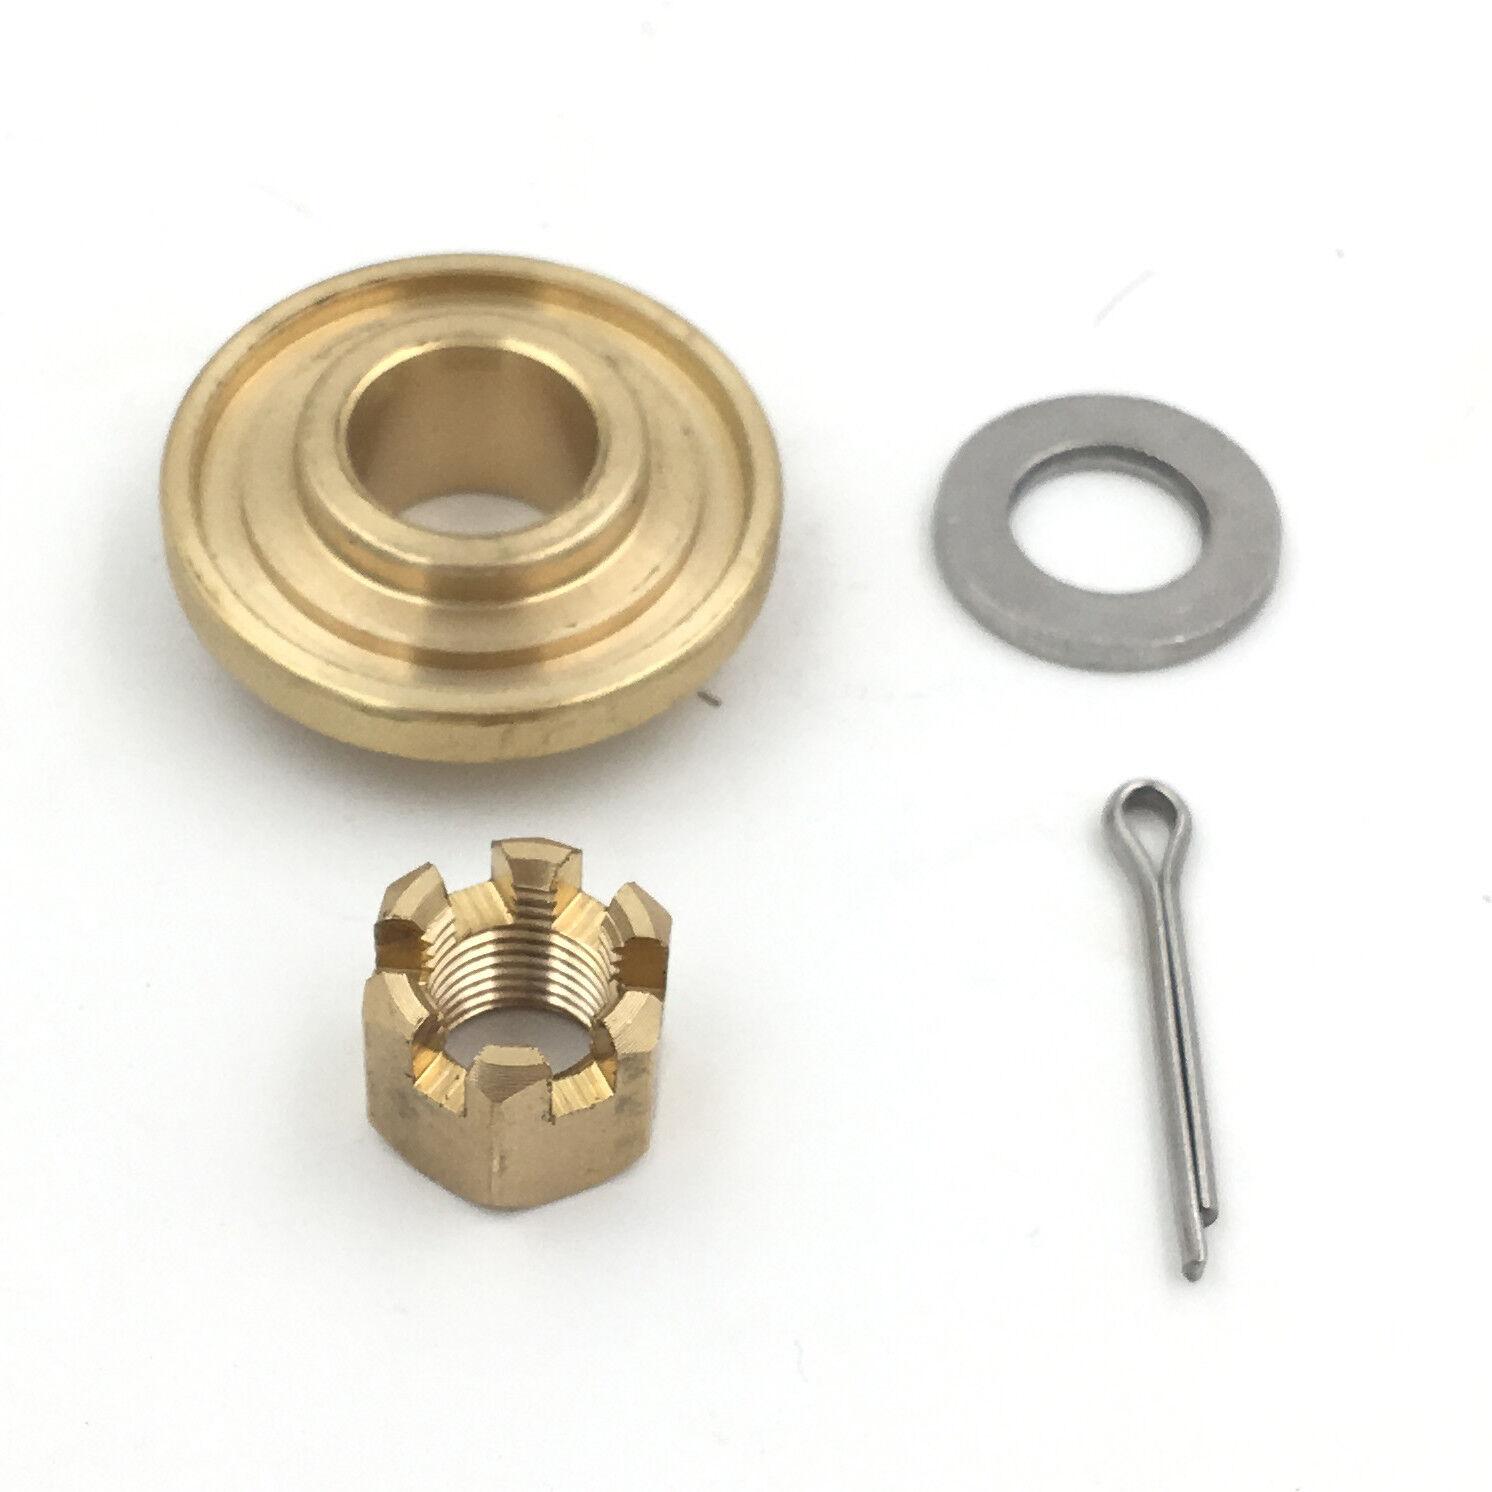 Propeller Hardware Kits Thrust Washer/Spacer/Nut for SUZUKI DF15HP/DF20HP